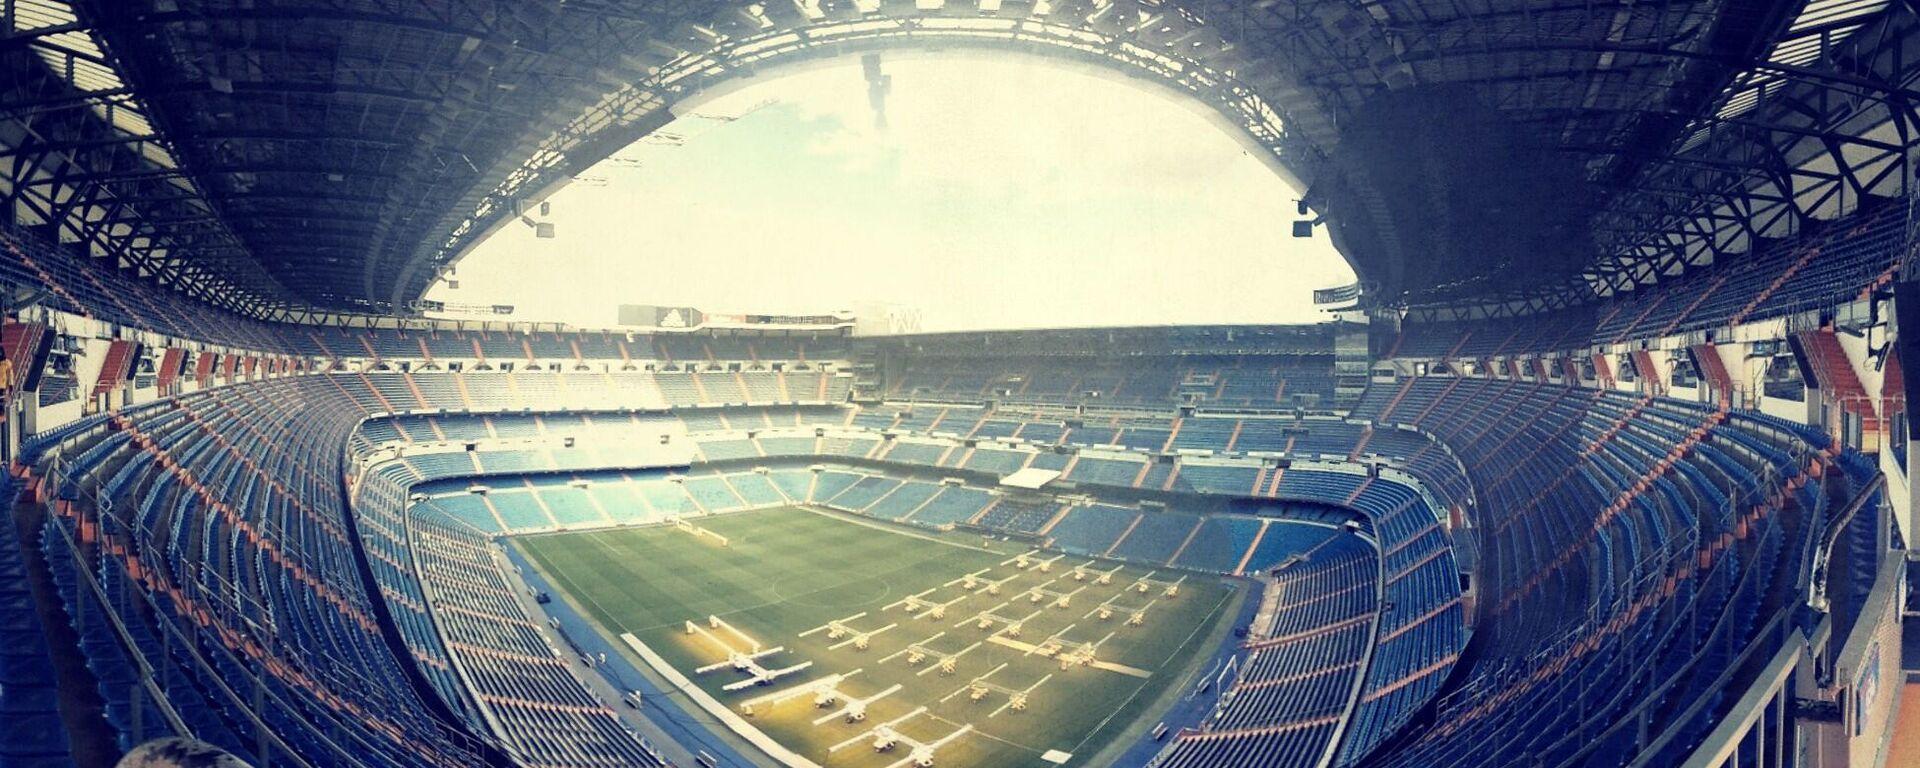 El estadio Santiago Bernabéu de Real Madrid - Sputnik Mundo, 1920, 19.04.2021